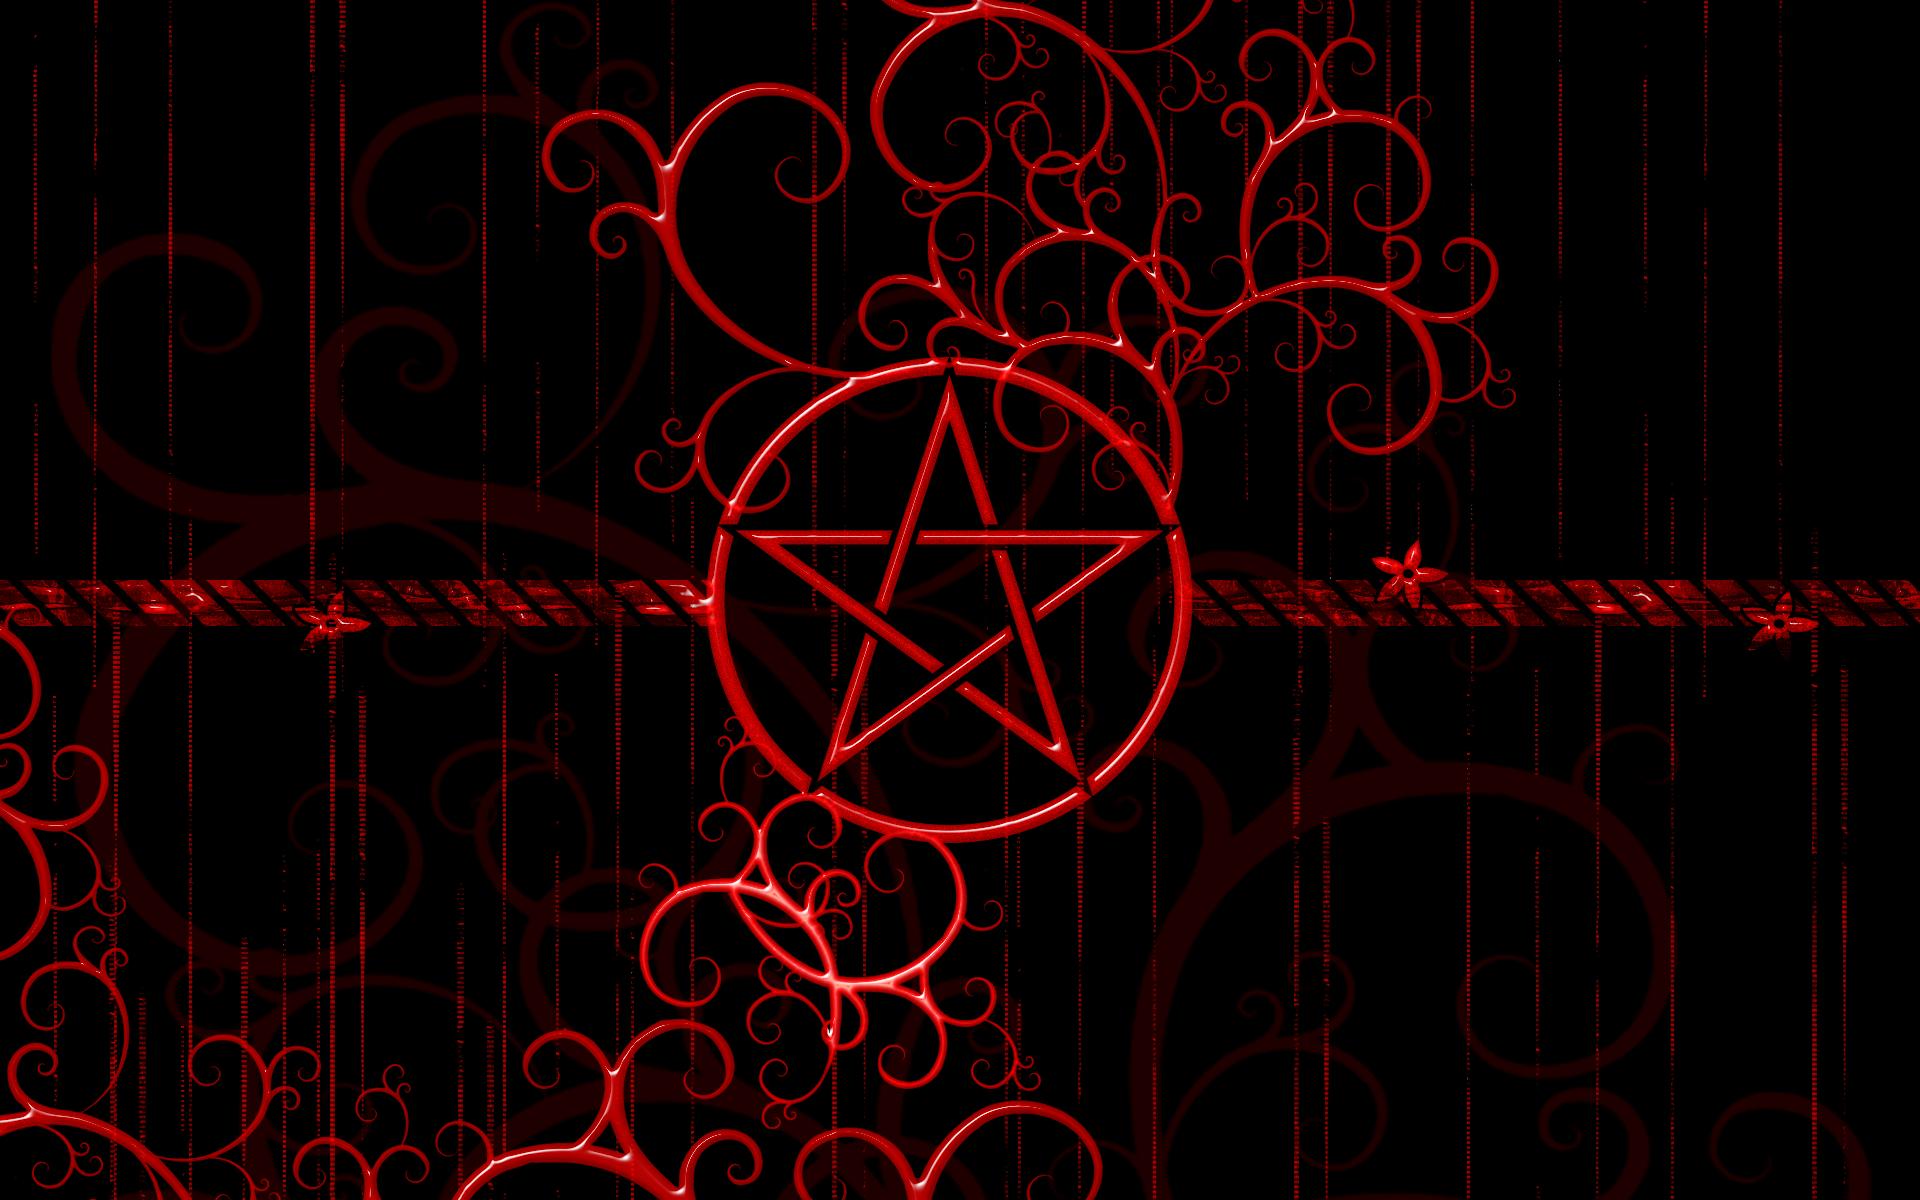 Free download Dark horror evil symbol satan penta star wallpaper ...